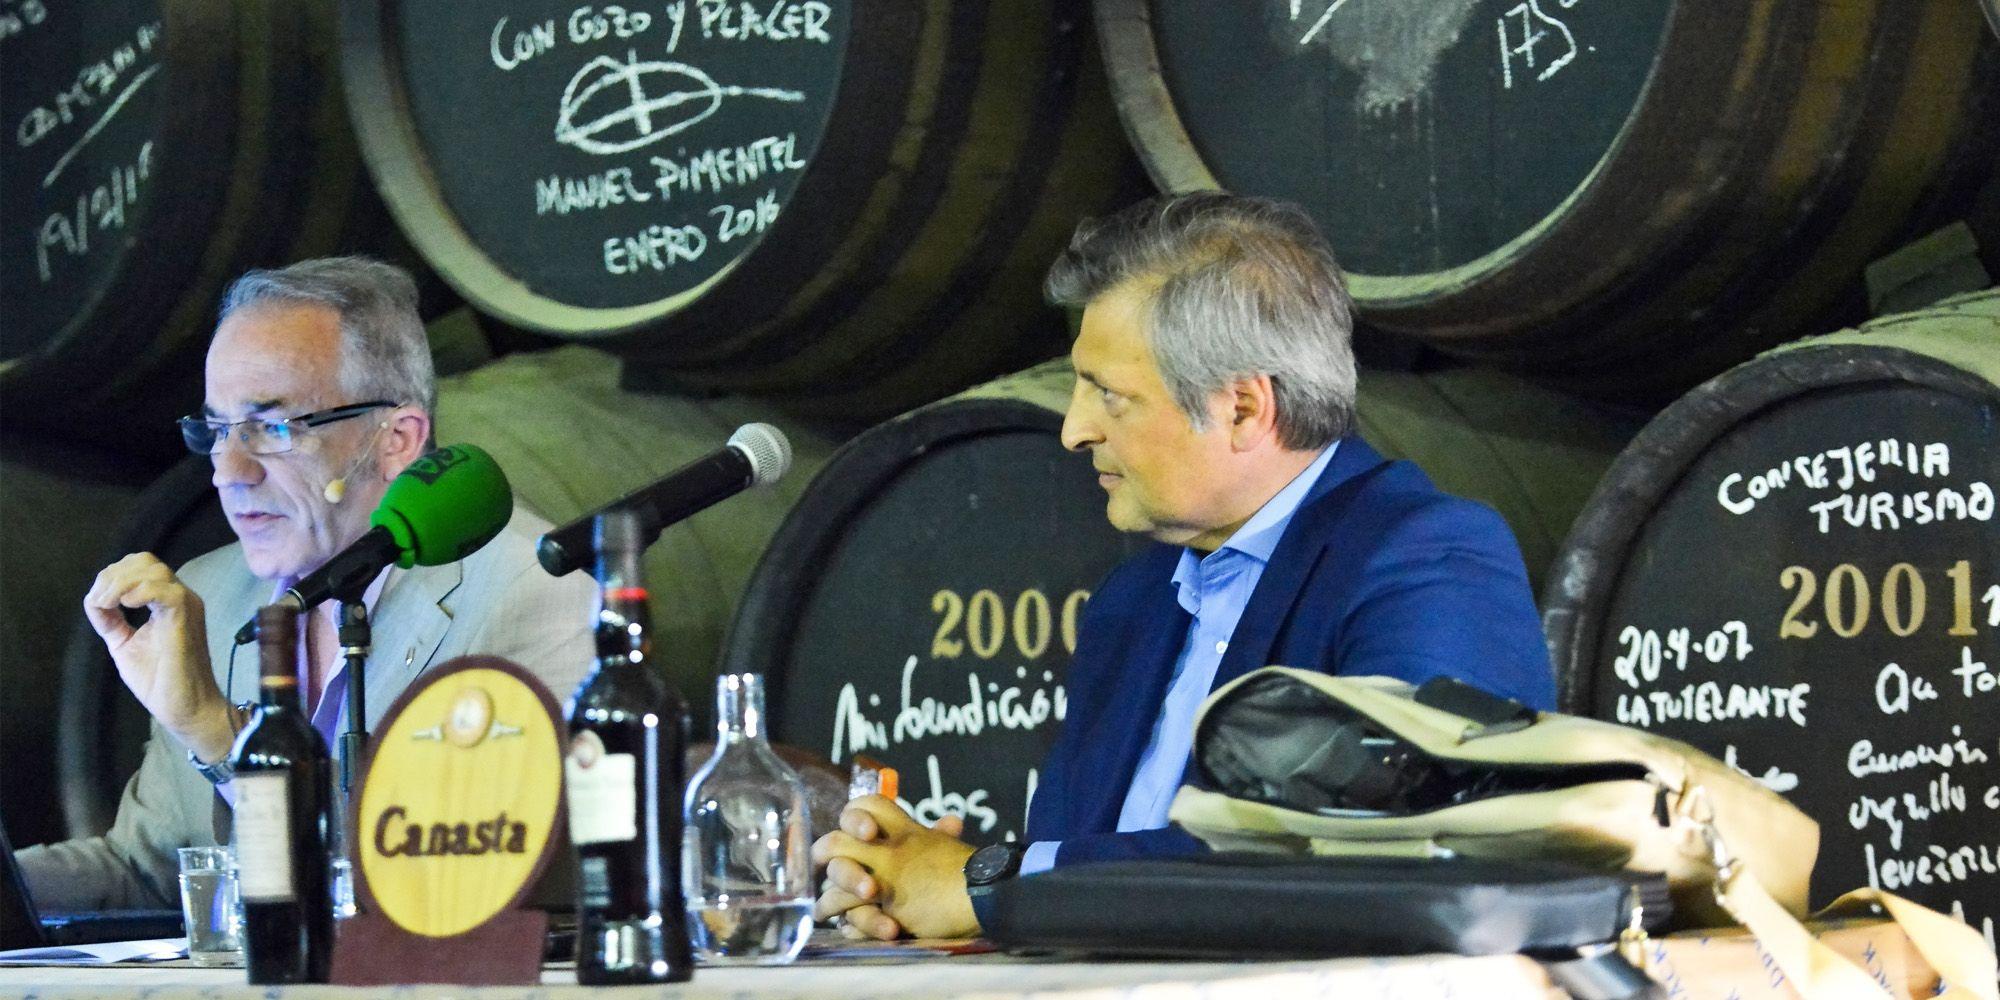 Un momento de la Conferencia impartida por José Luis Jiménez, acompañado por el director general de las Bodegas Williams & Humbert, Jesús Medina García de Polavieja